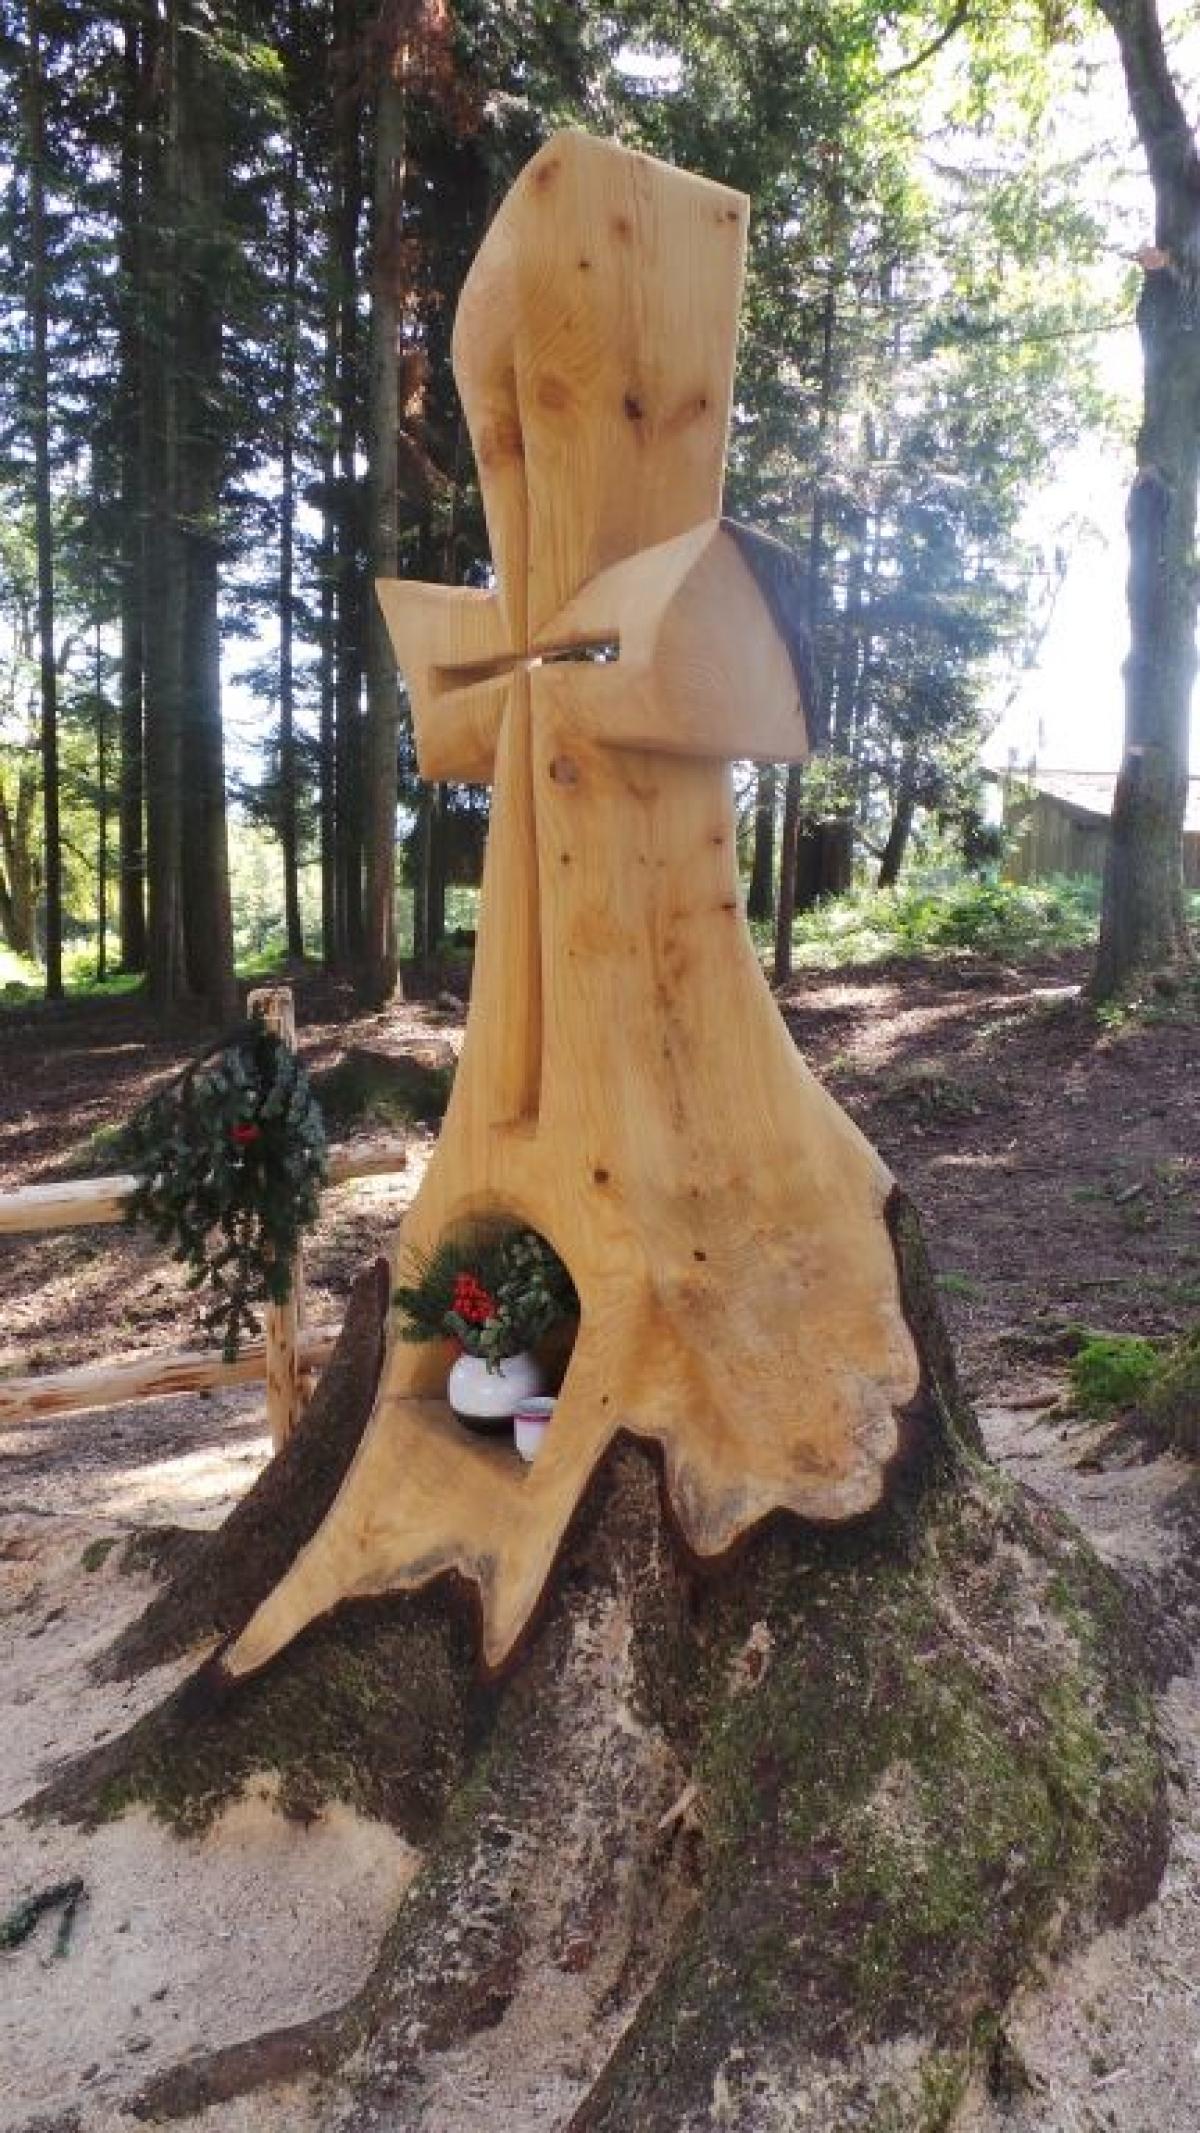 Zwischen Wolfsberg und dem Gipfel des Zinnkopfs steht dieses schöne Kreuz, das förmlich aus einem Baumstumpf herauszuwachsen scheint.